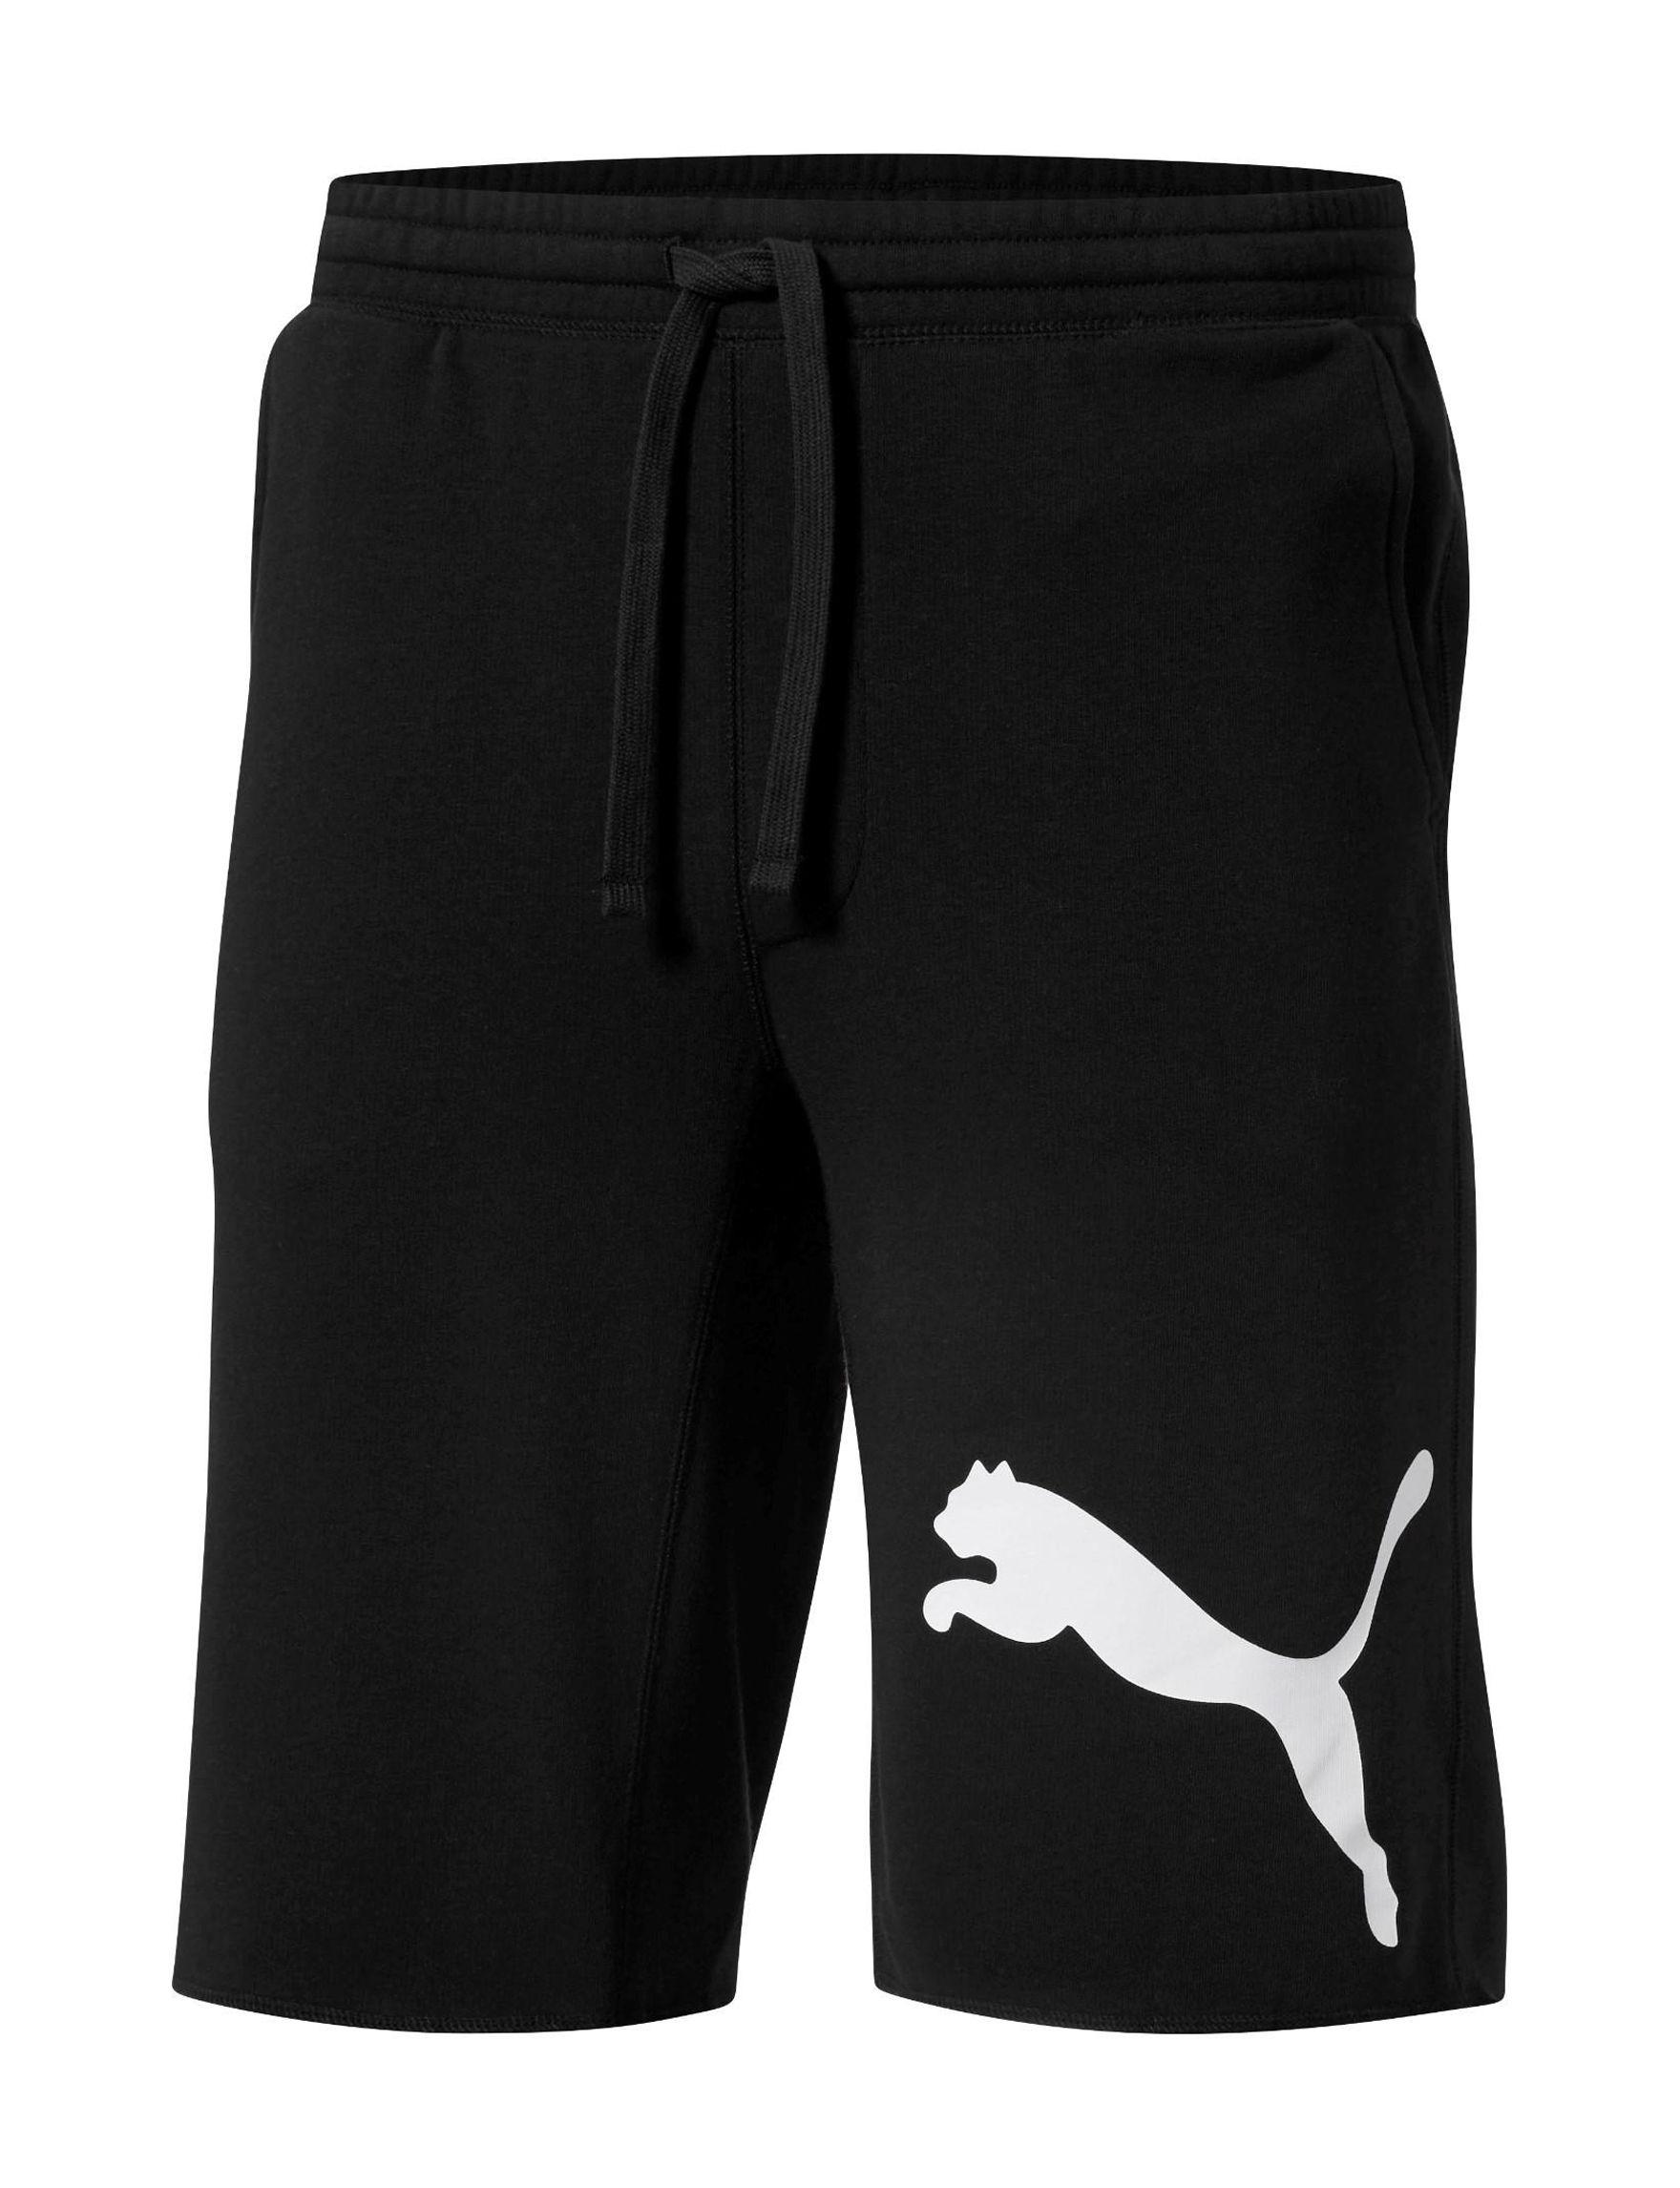 Puma Black / White